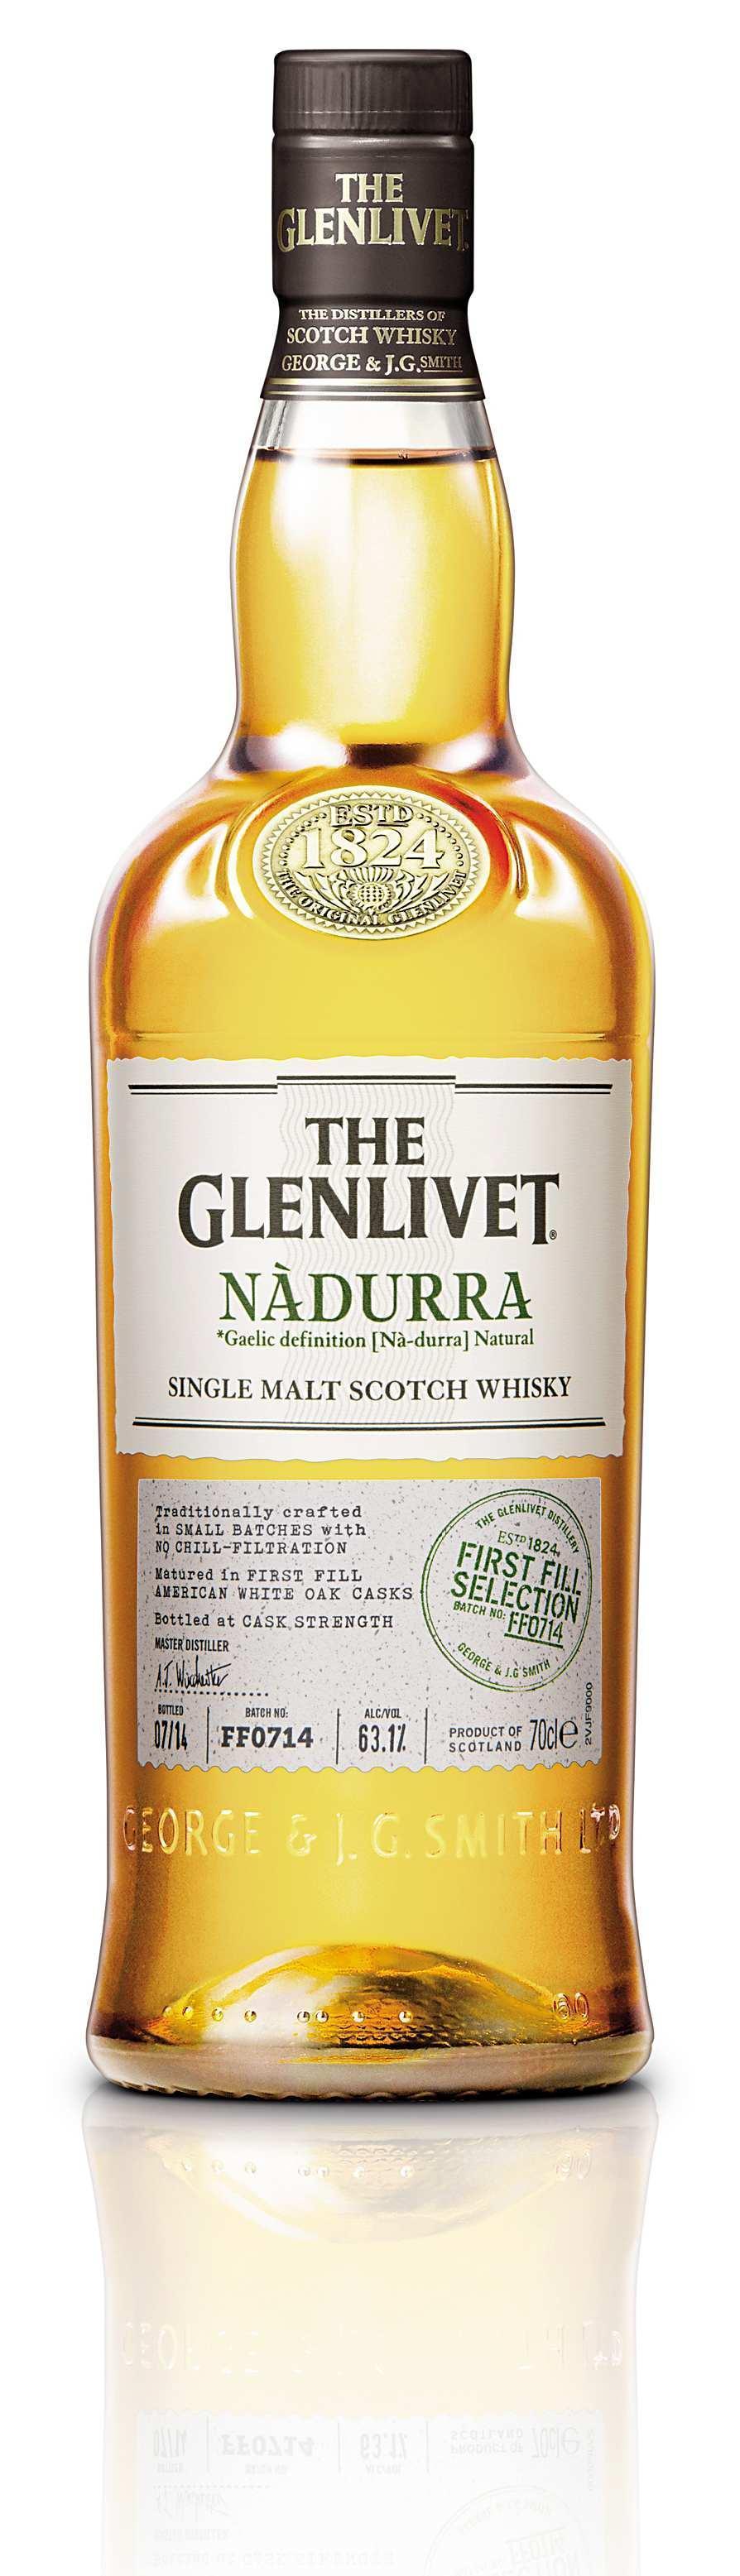 格蘭利威Nàdurra原酒First Fill Selection,首次裝桶的美國白橡木桶熟成,酒精濃度63.1%,曾獲2015世界威士忌大賽金牌獎。